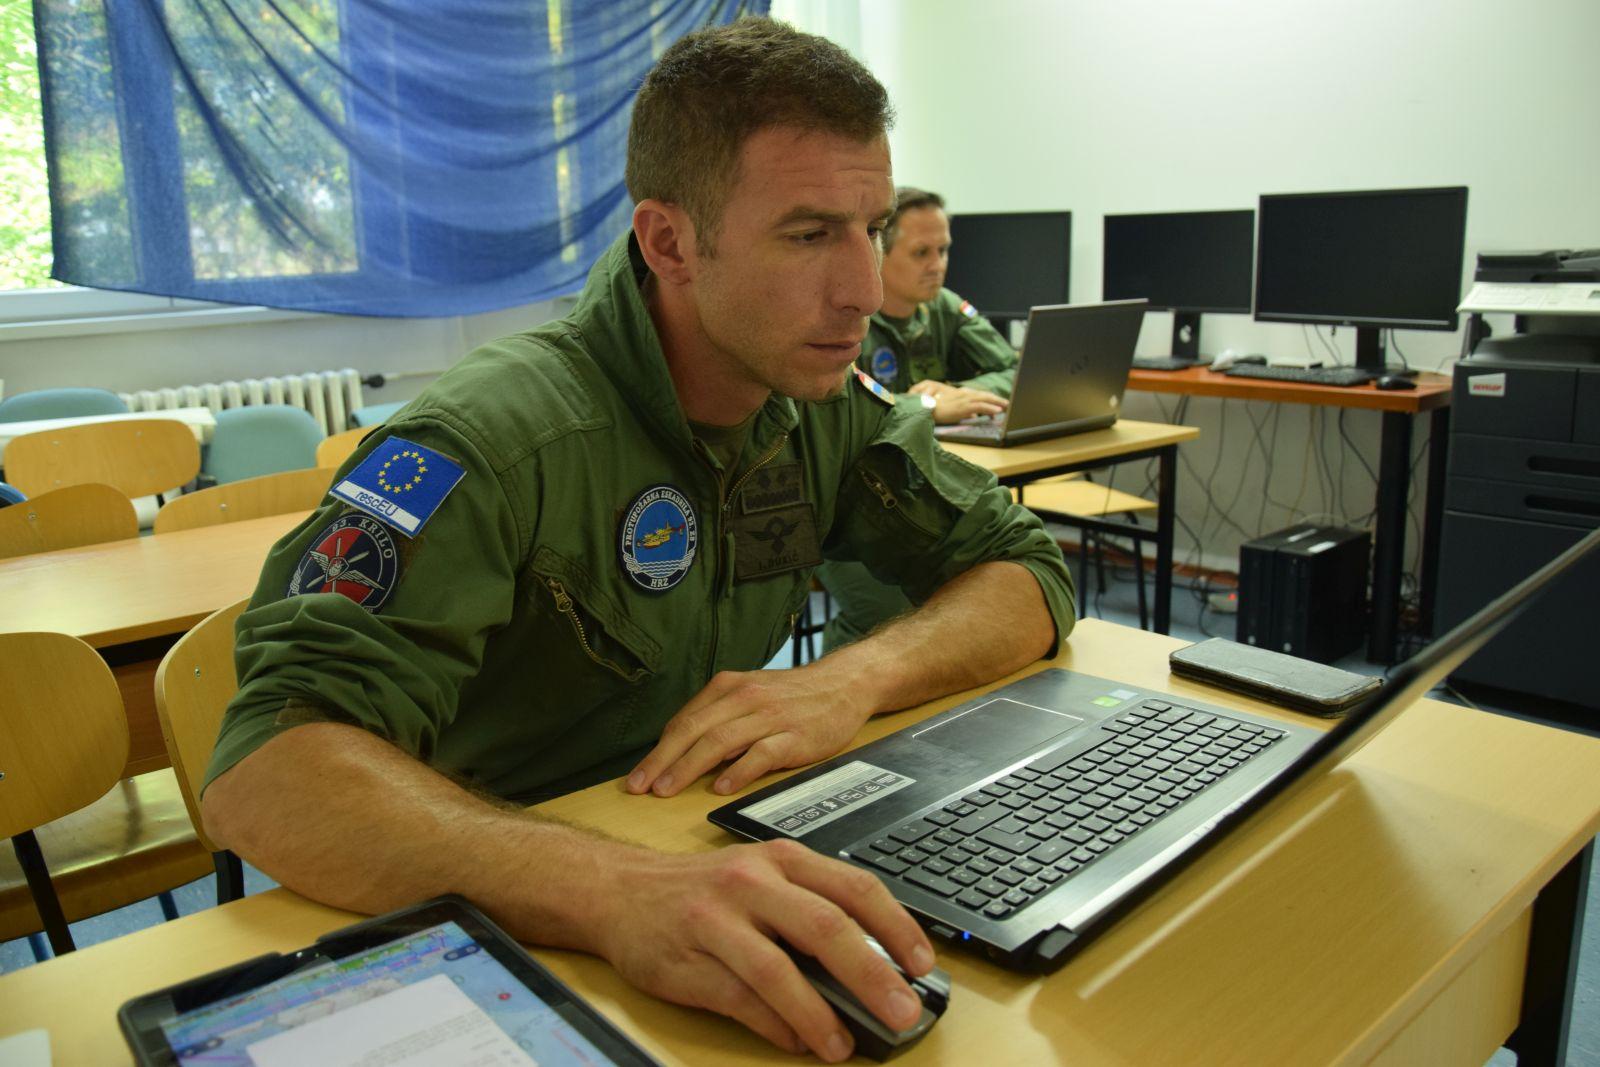 Održana simulacijsko-komunikacijska vježba pružanja međunarodne pomoći u gašenju požara